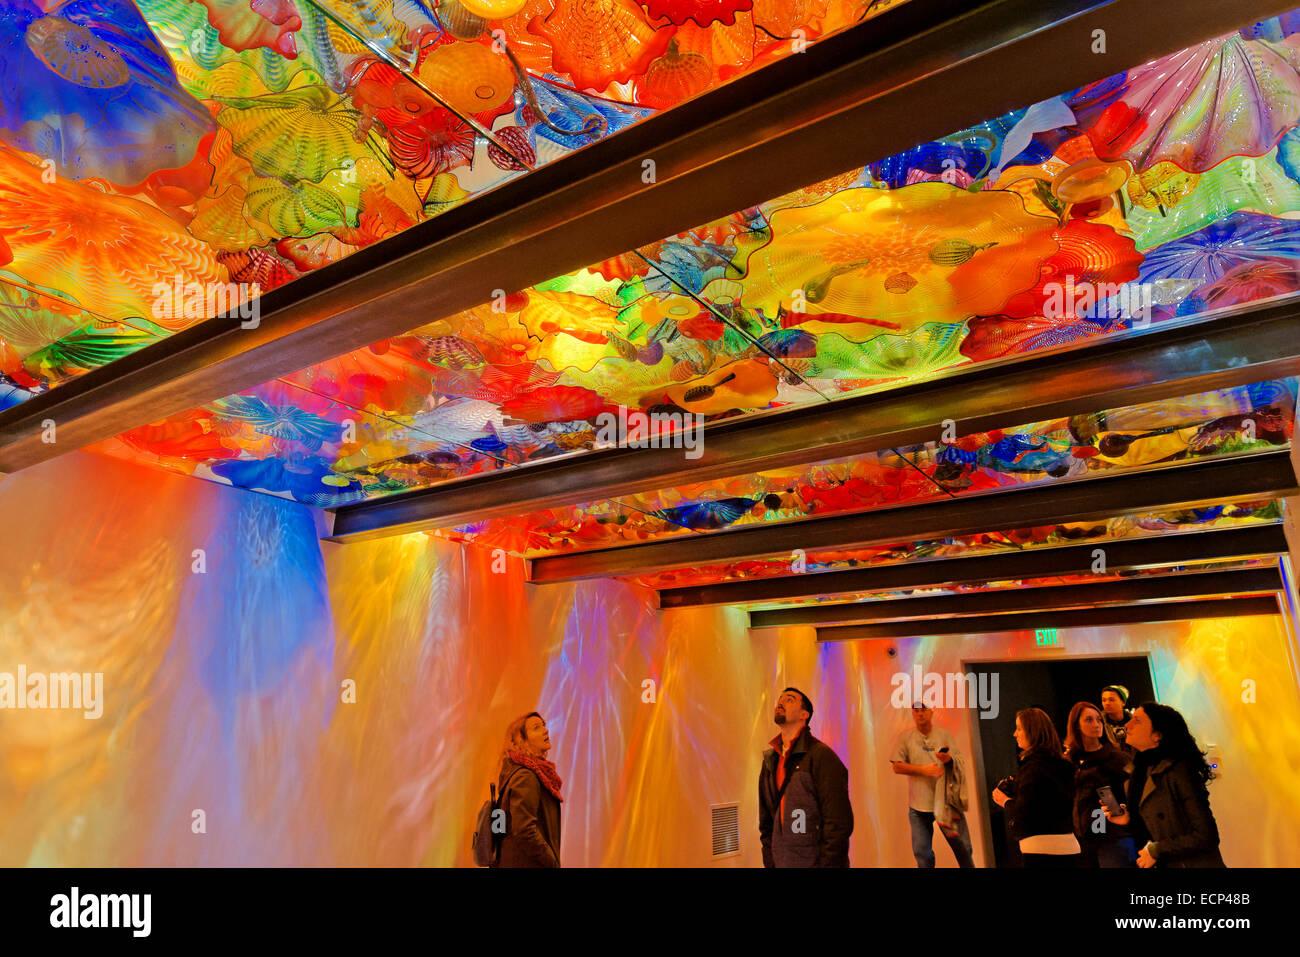 Il persiano Soffitto Camera, Chihuly Garden e vetro, Seattle, nello Stato di Washington, USA Immagini Stock